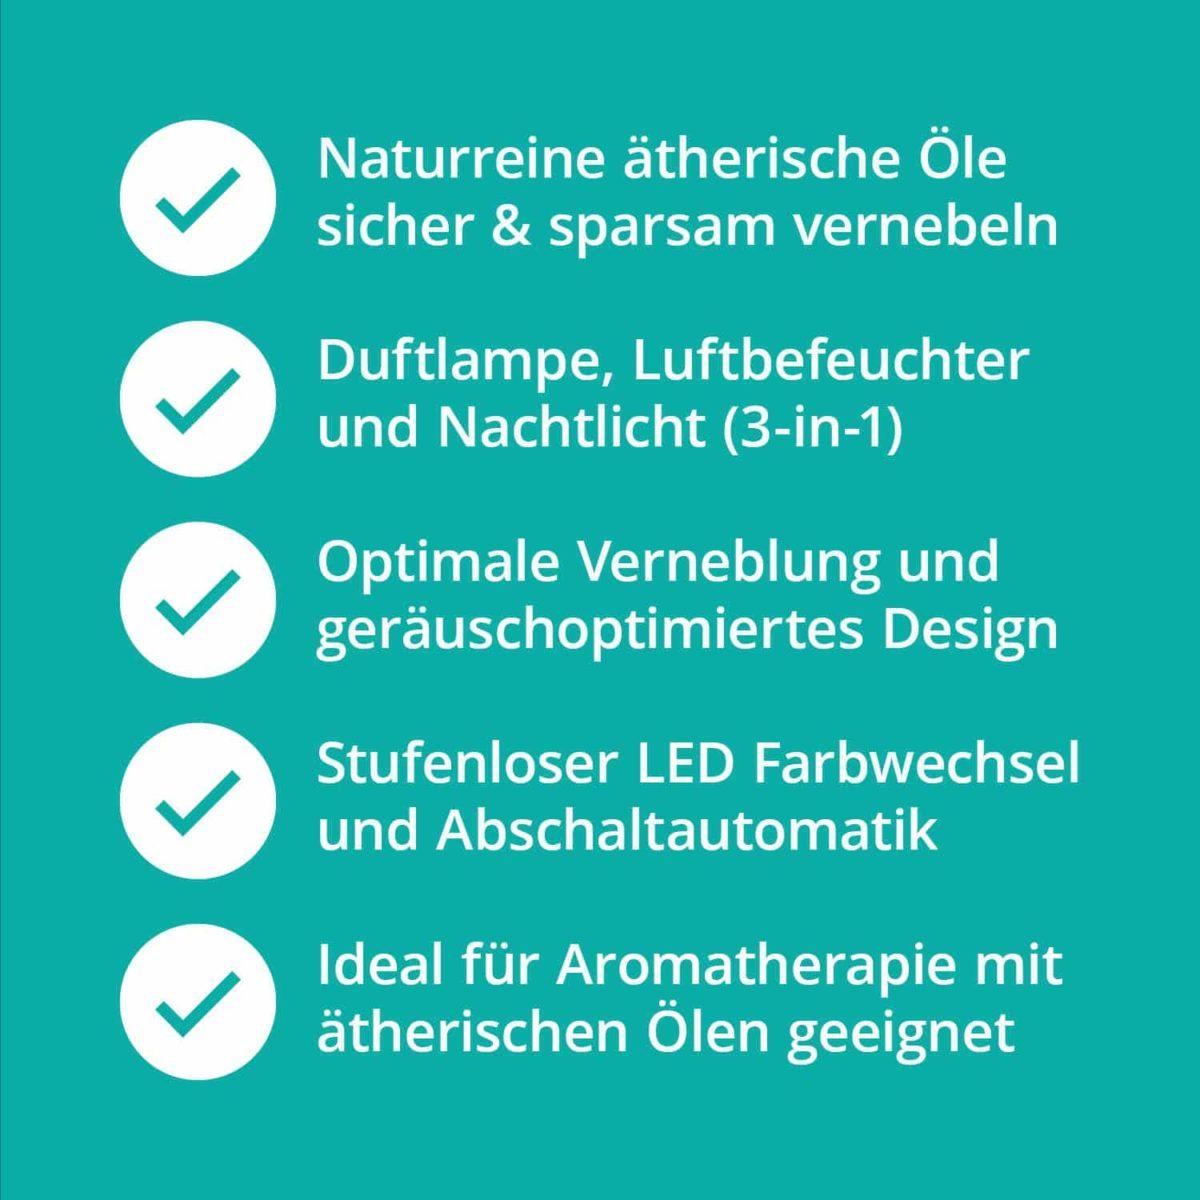 Casida Aroma Diffuser White Hood Wood Print LED-illumination 17179347 PZN Apotheke ätherische Öle Vernebler Aromatherapie Schule Büro Kita7